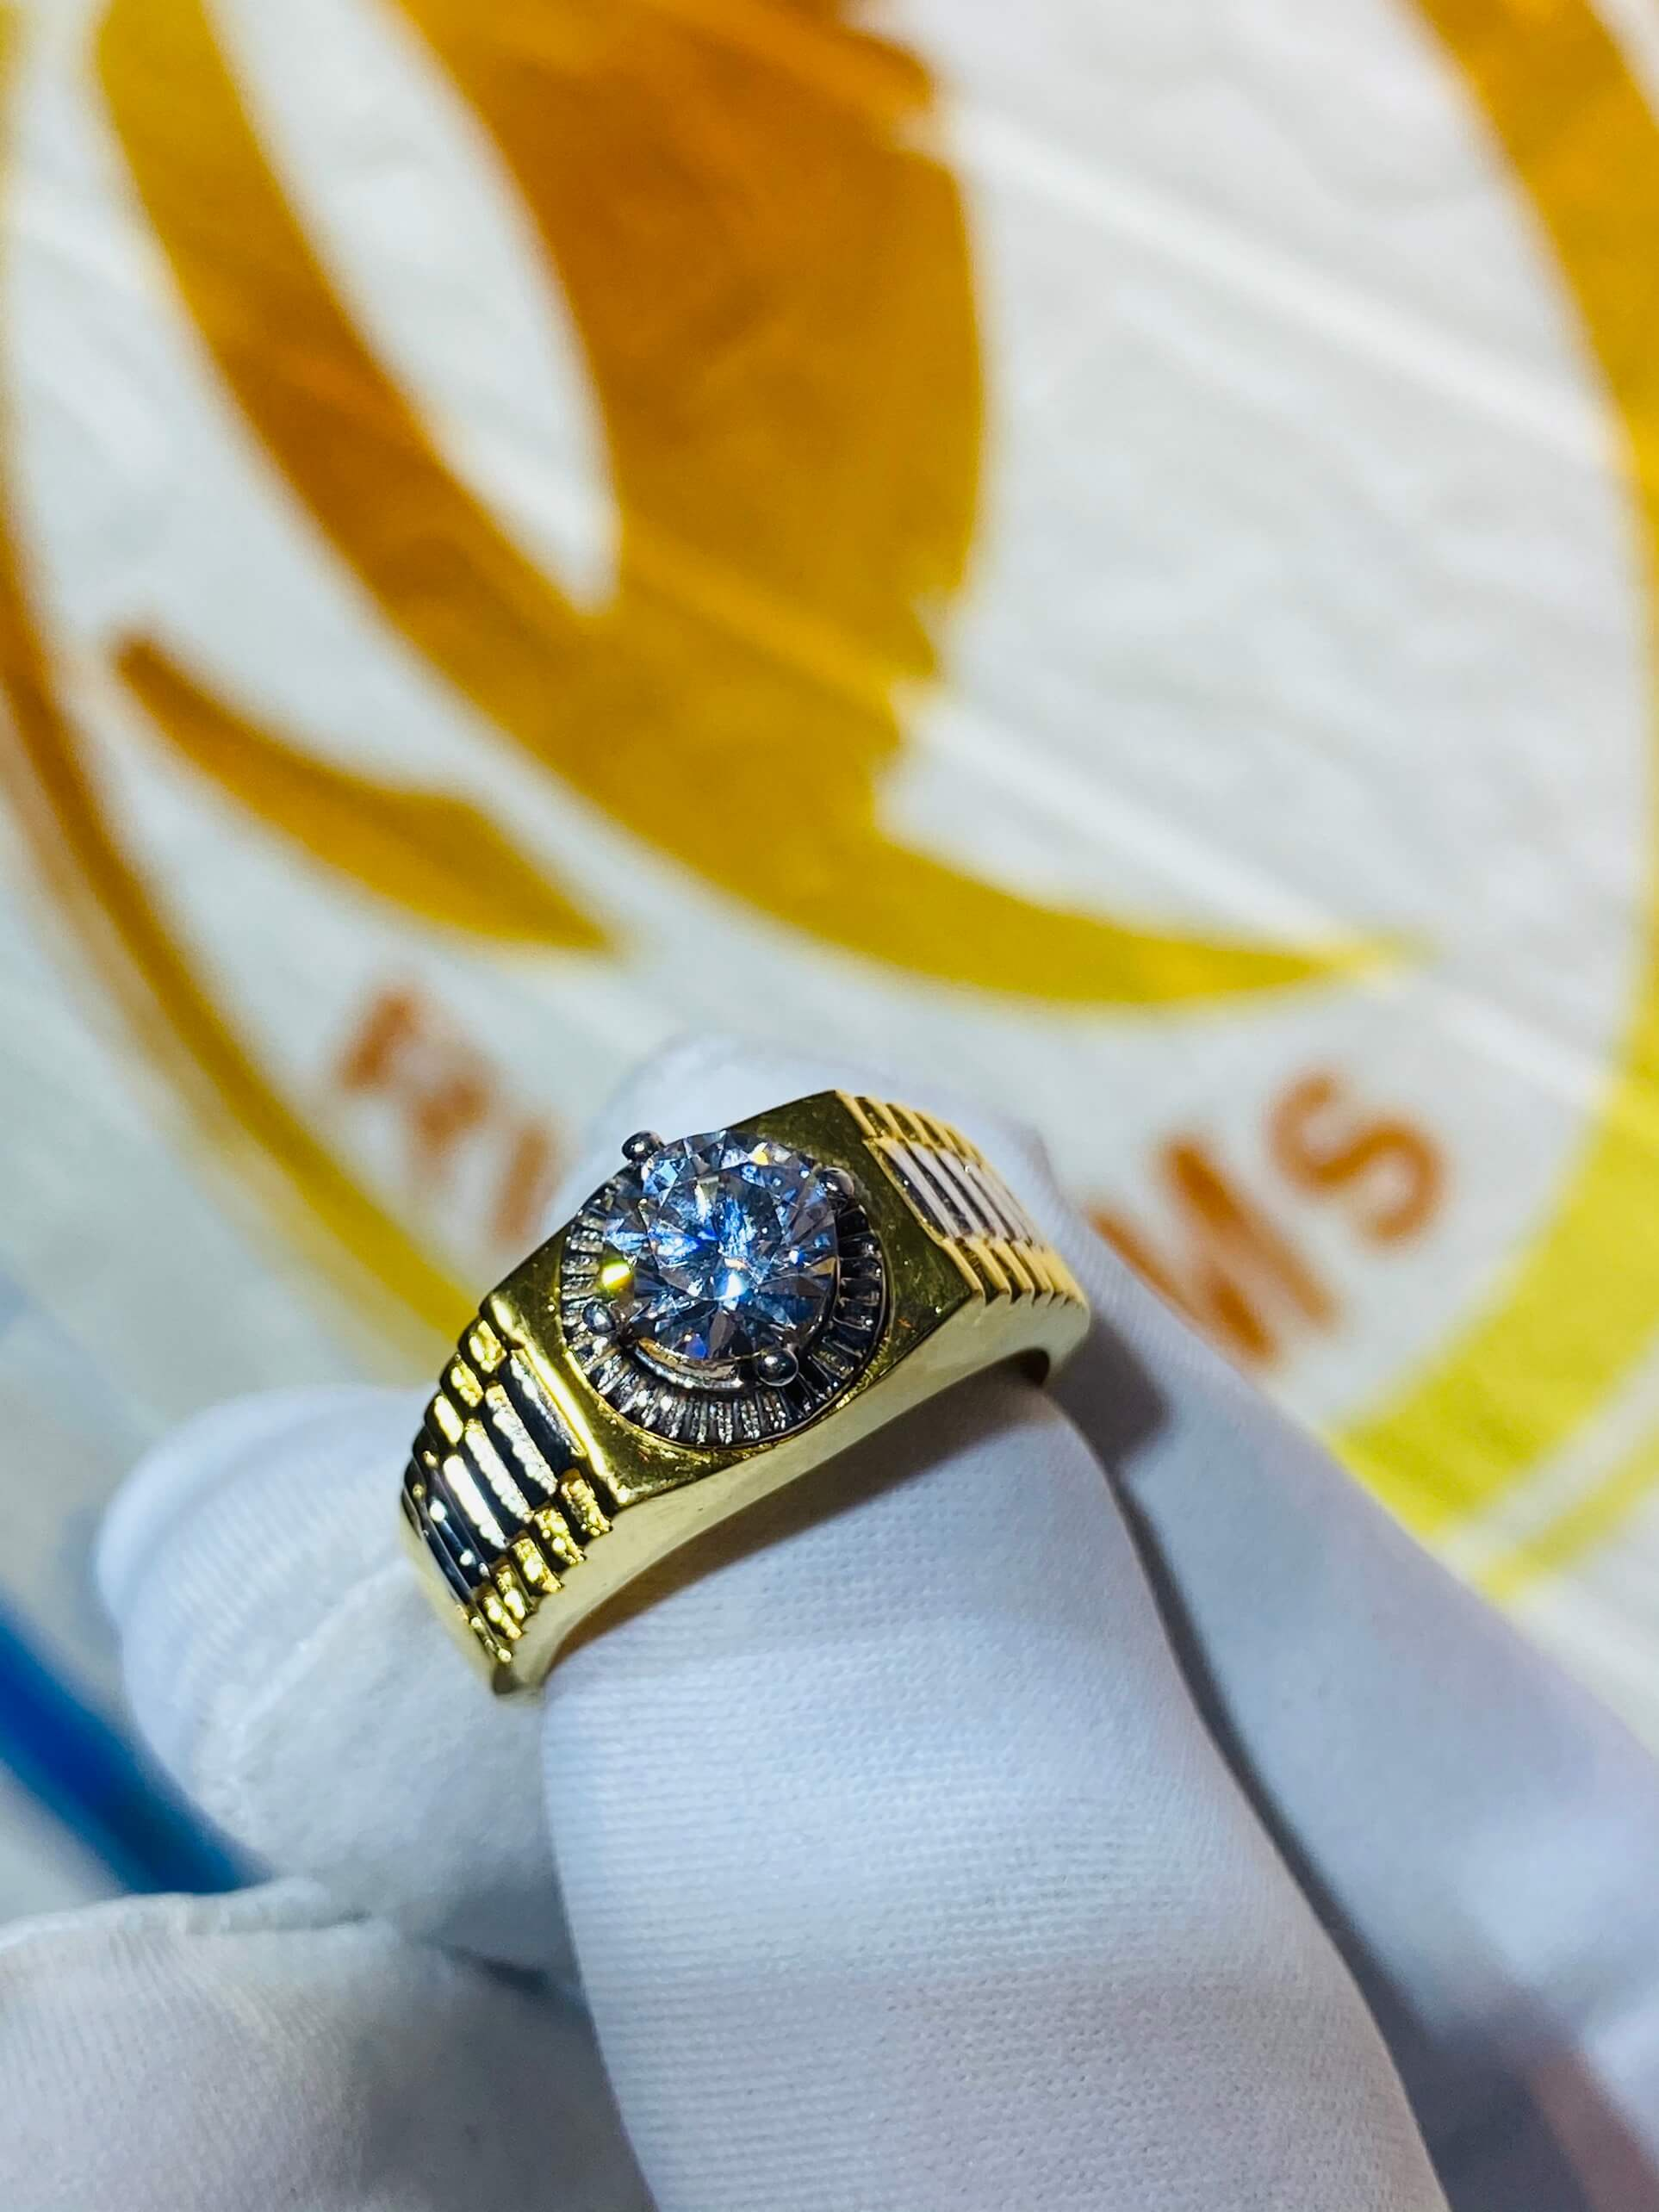 Nhẫn Rolex đính đá Zc cho Nam vàng 18K đẹp, tinh tế